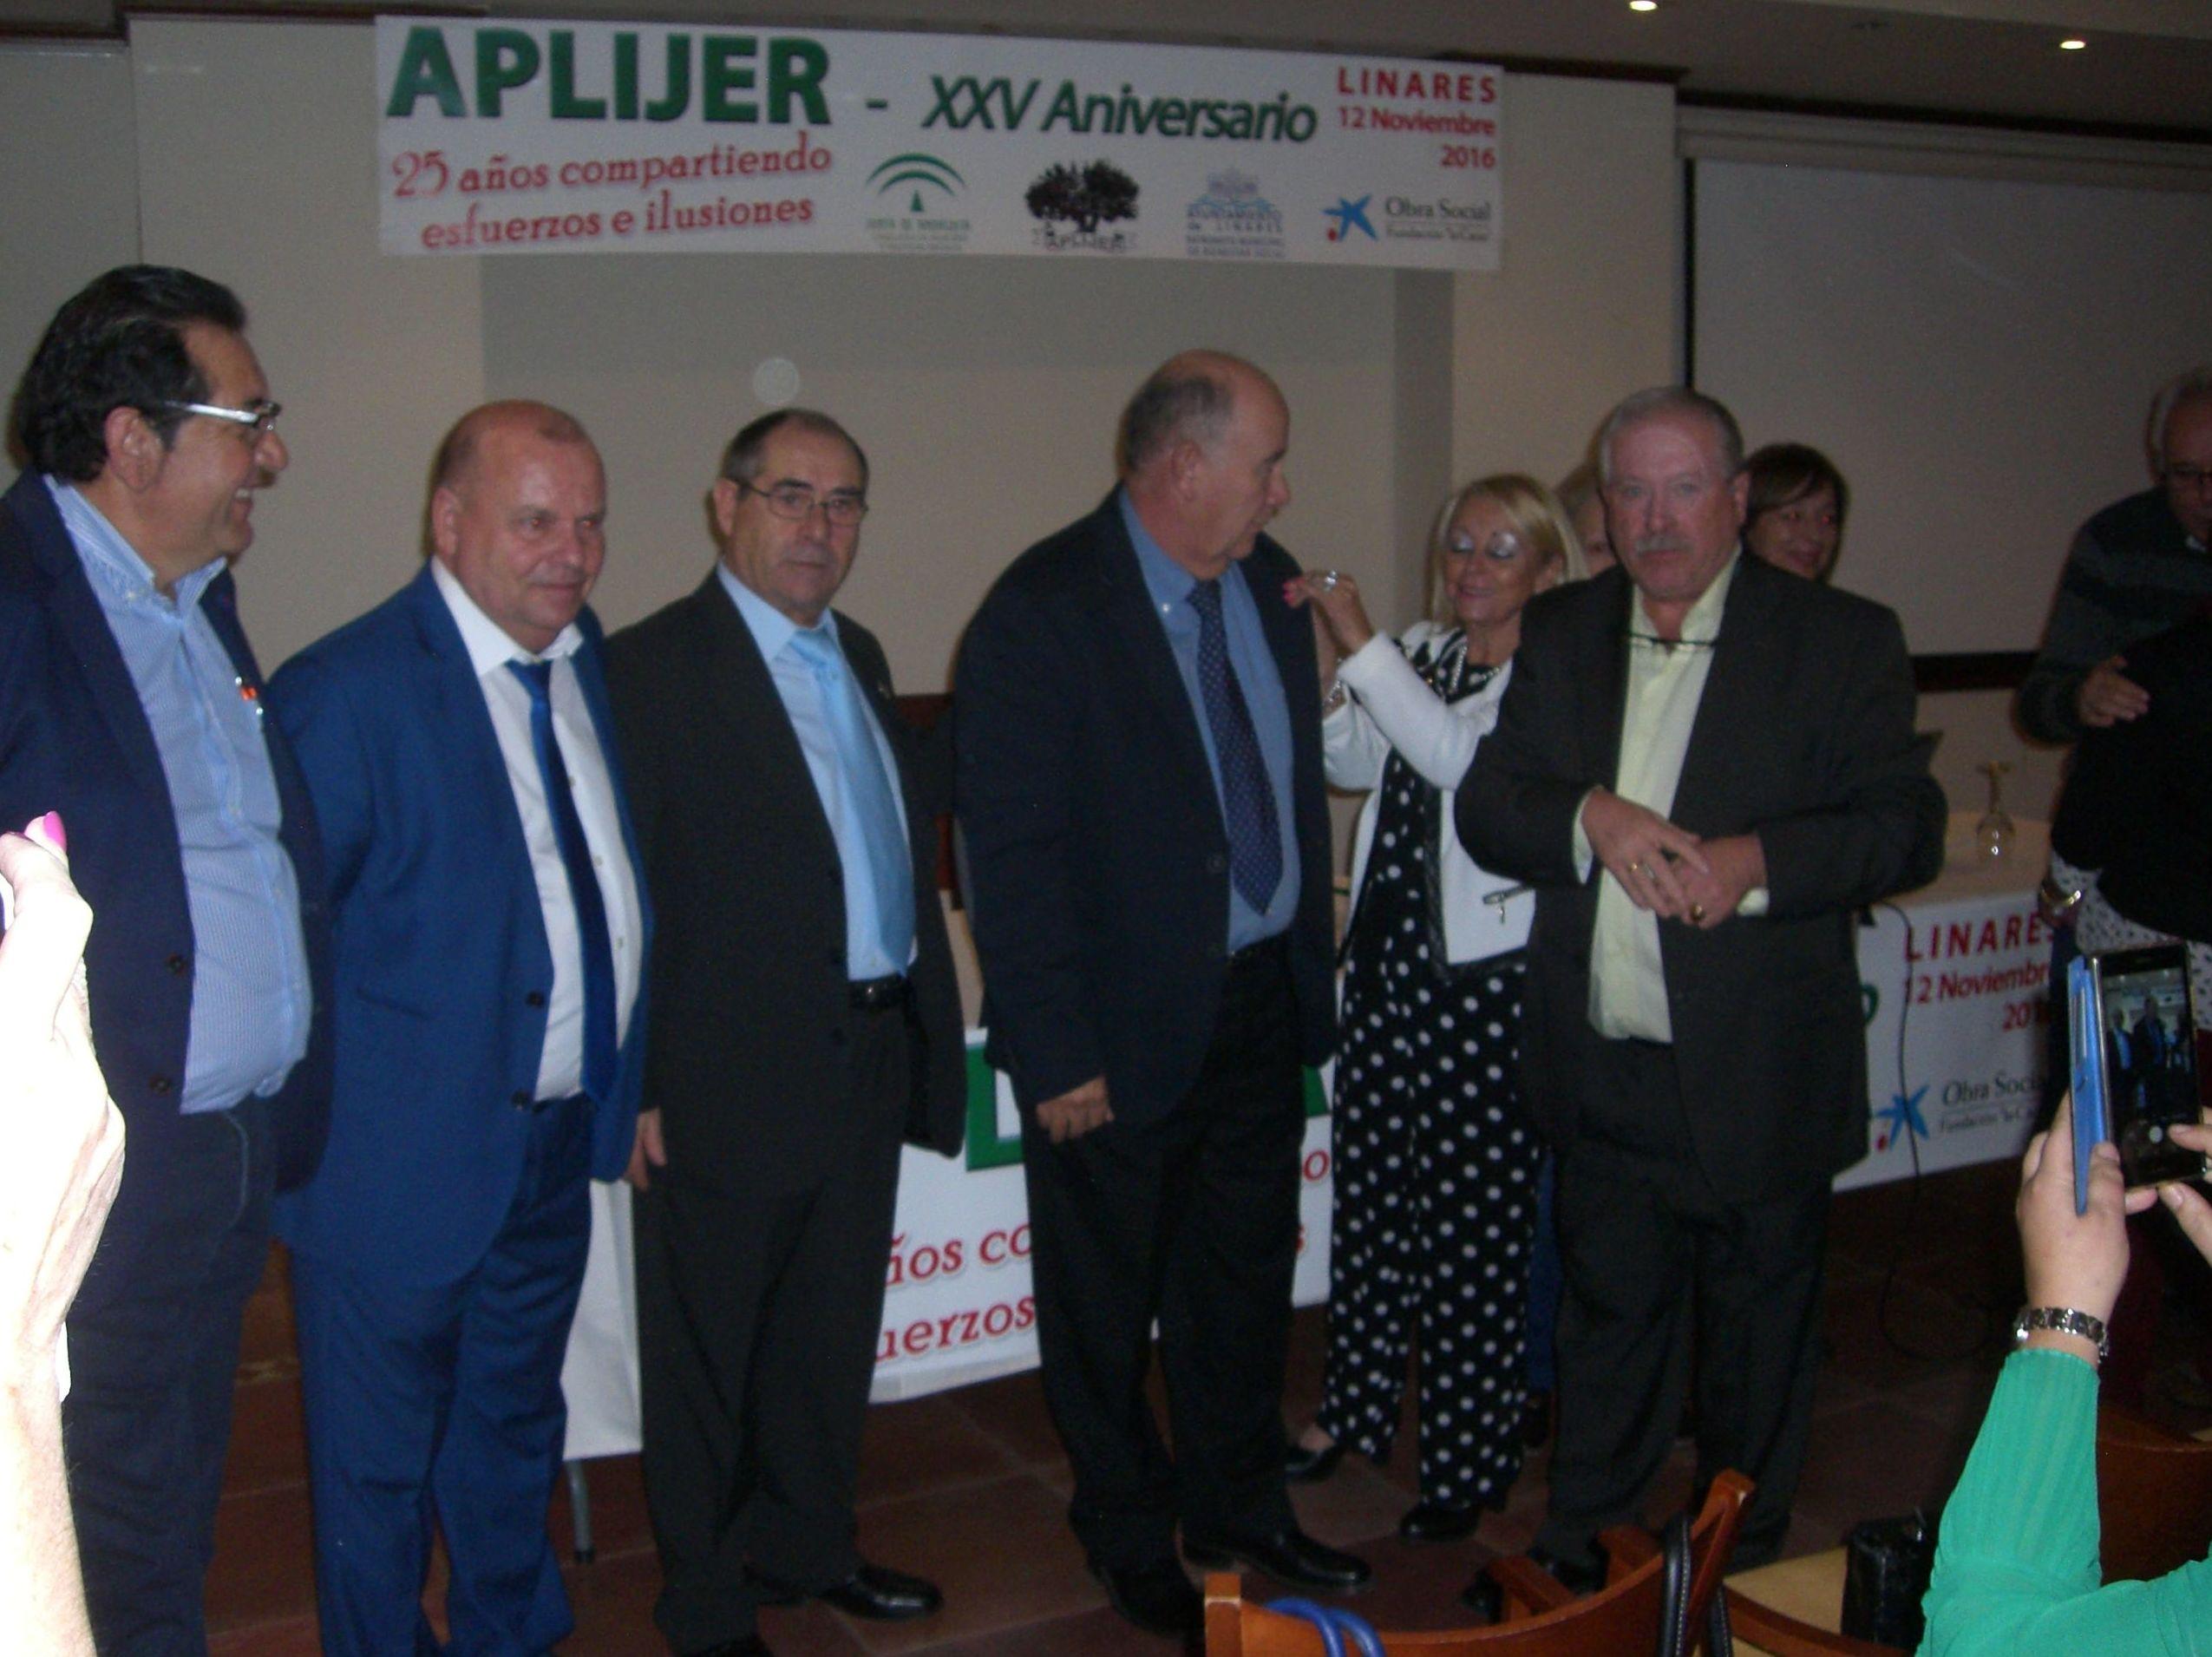 Entrega Reconocimiento a D.Francisco Abad Dominguez Presidente de FAJER con motivo del XXV aniversario de APLIJER